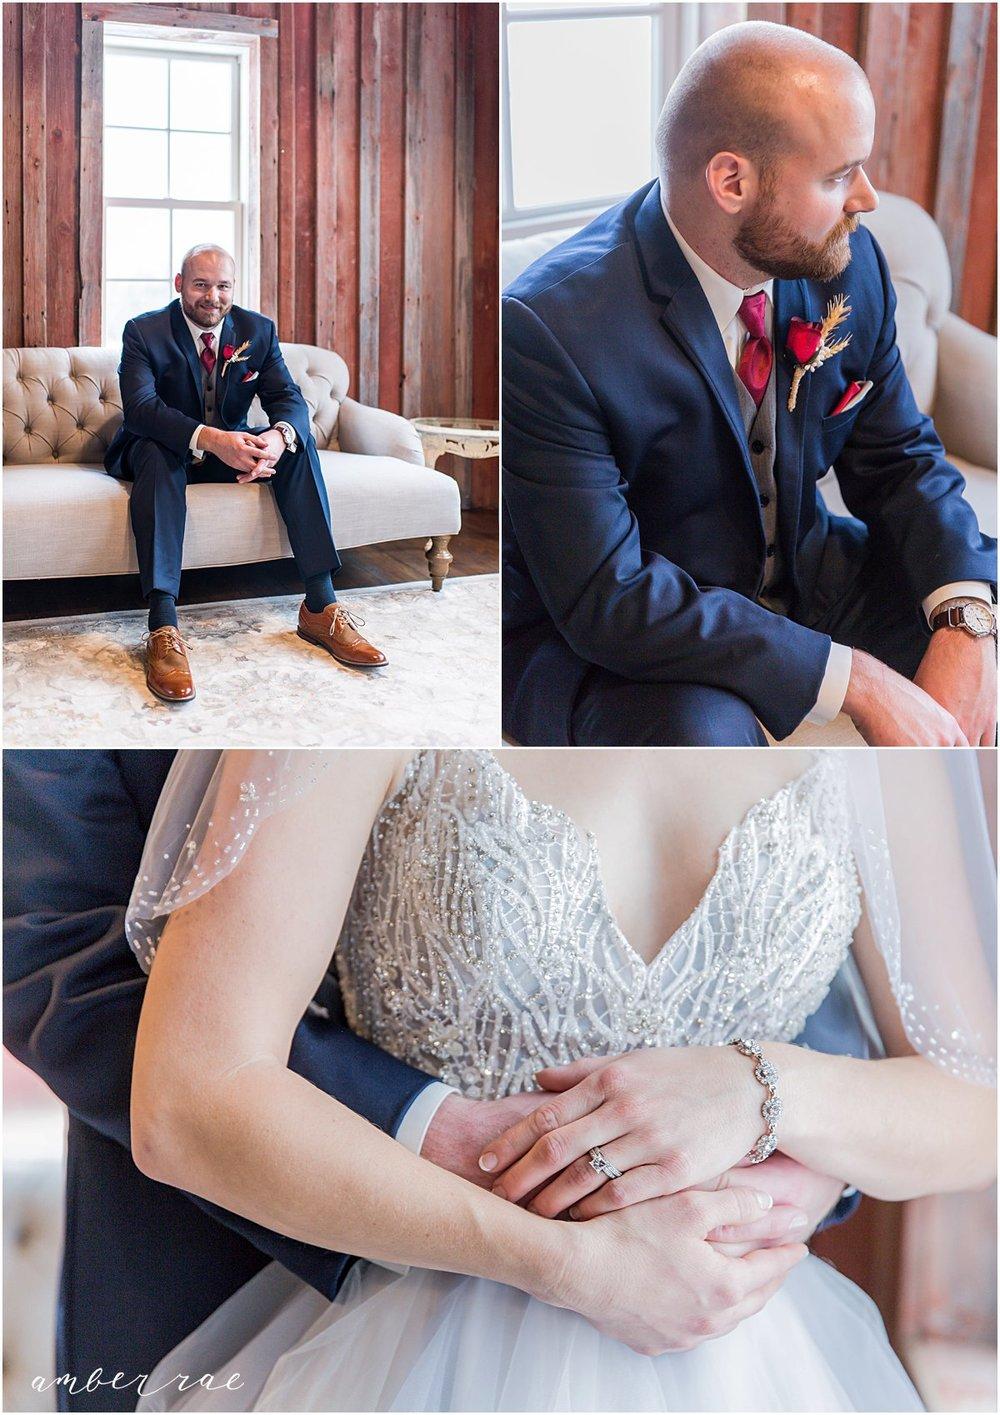 Helget Wedding Dec 2017_0015.jpg